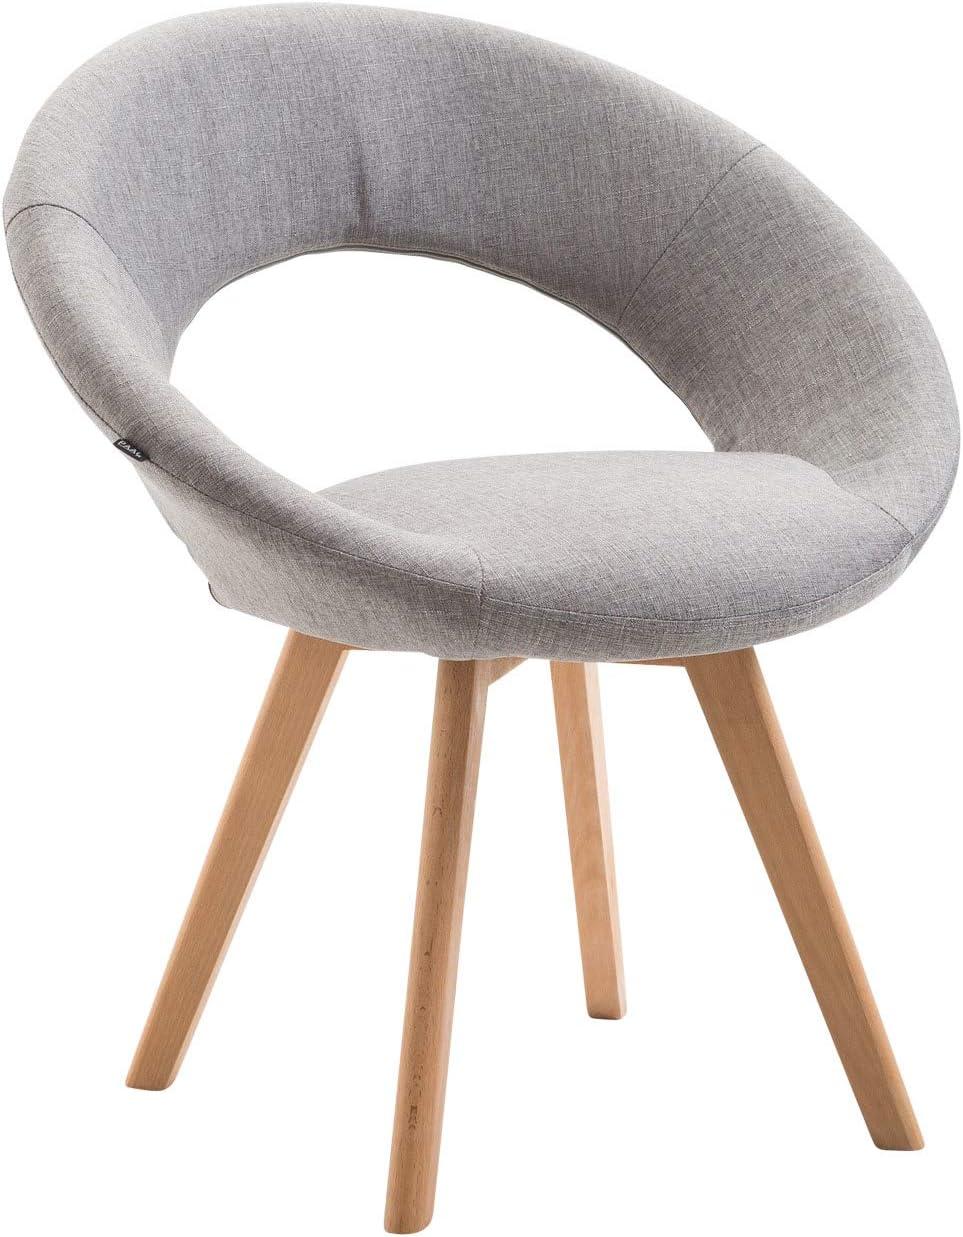 clp silla de comedor beck en tela